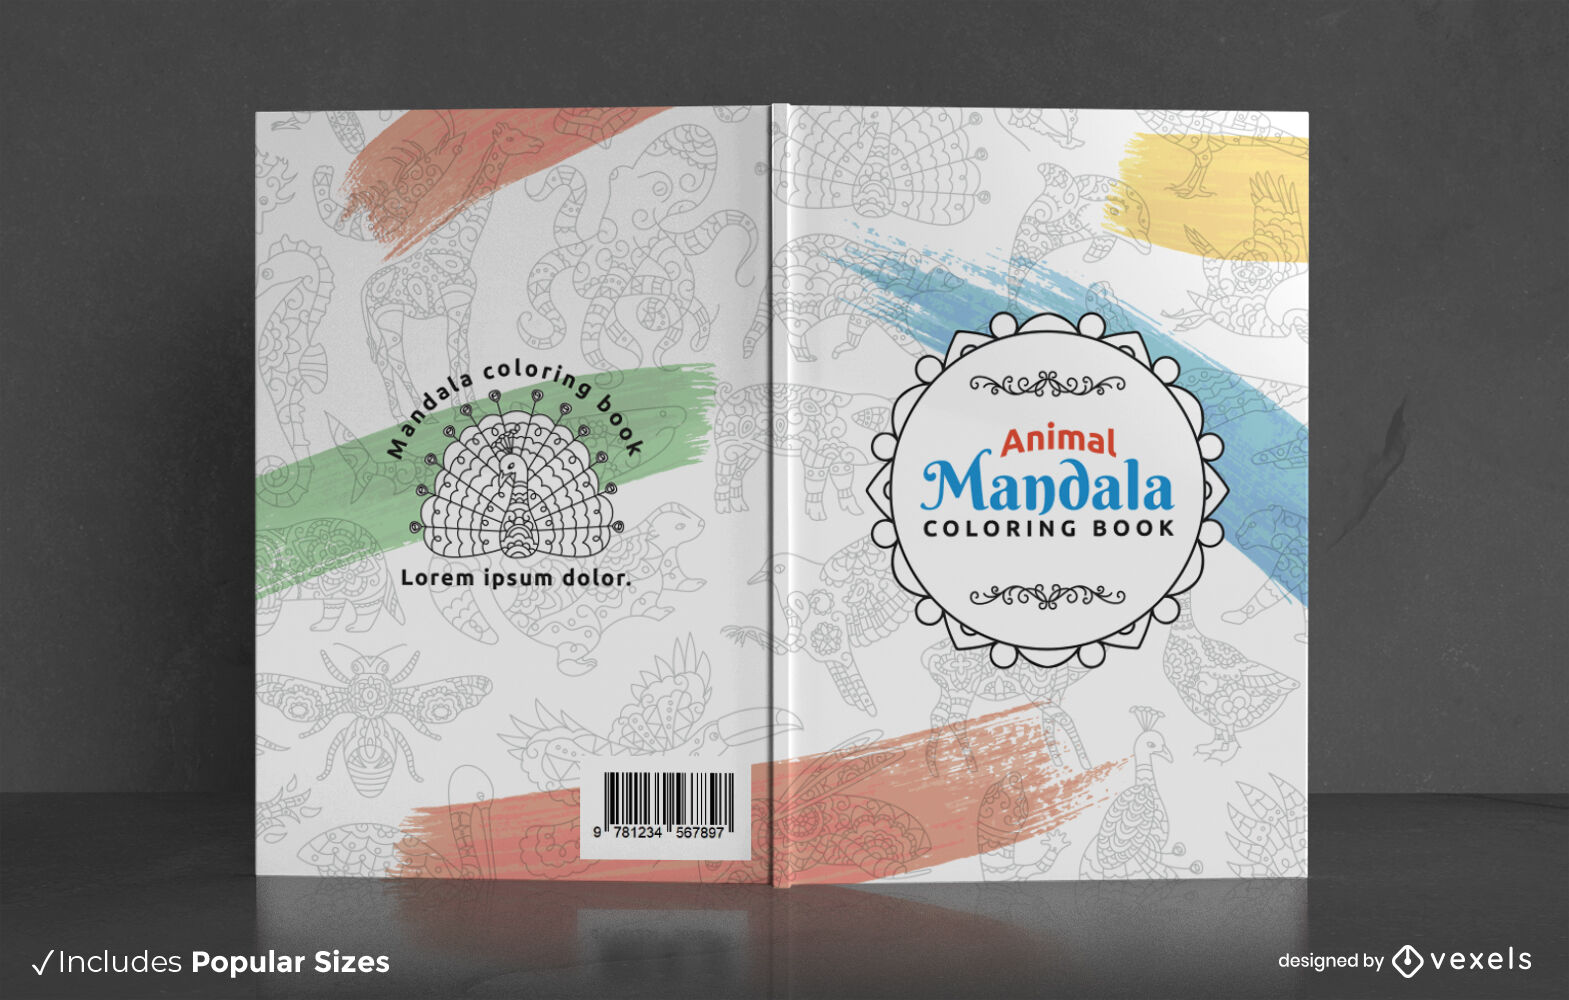 Cool animal mandala coloring book cover design